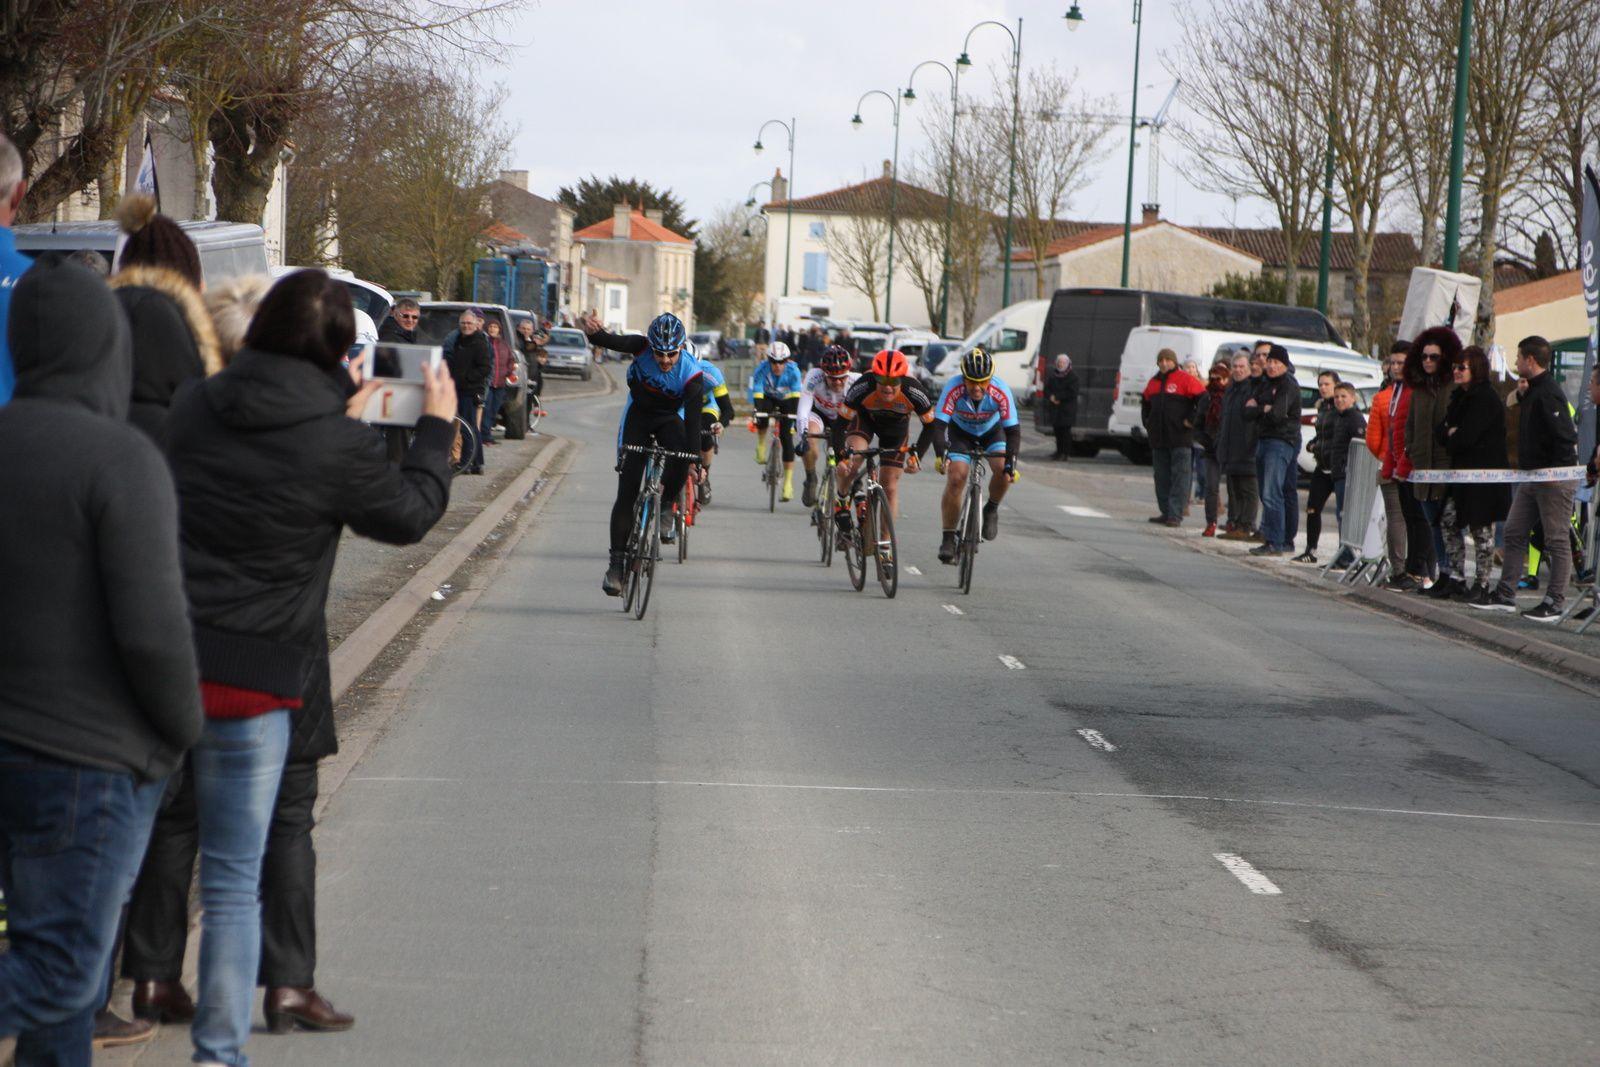 L'arrivée  et  la  victoire  pour  un  non-licencié  Fabien  CARLO , 2e Olivier  BEAUFORT (RL  St Savinien),3e  Philippe  LECHEVALLIER(VC  Saintes)